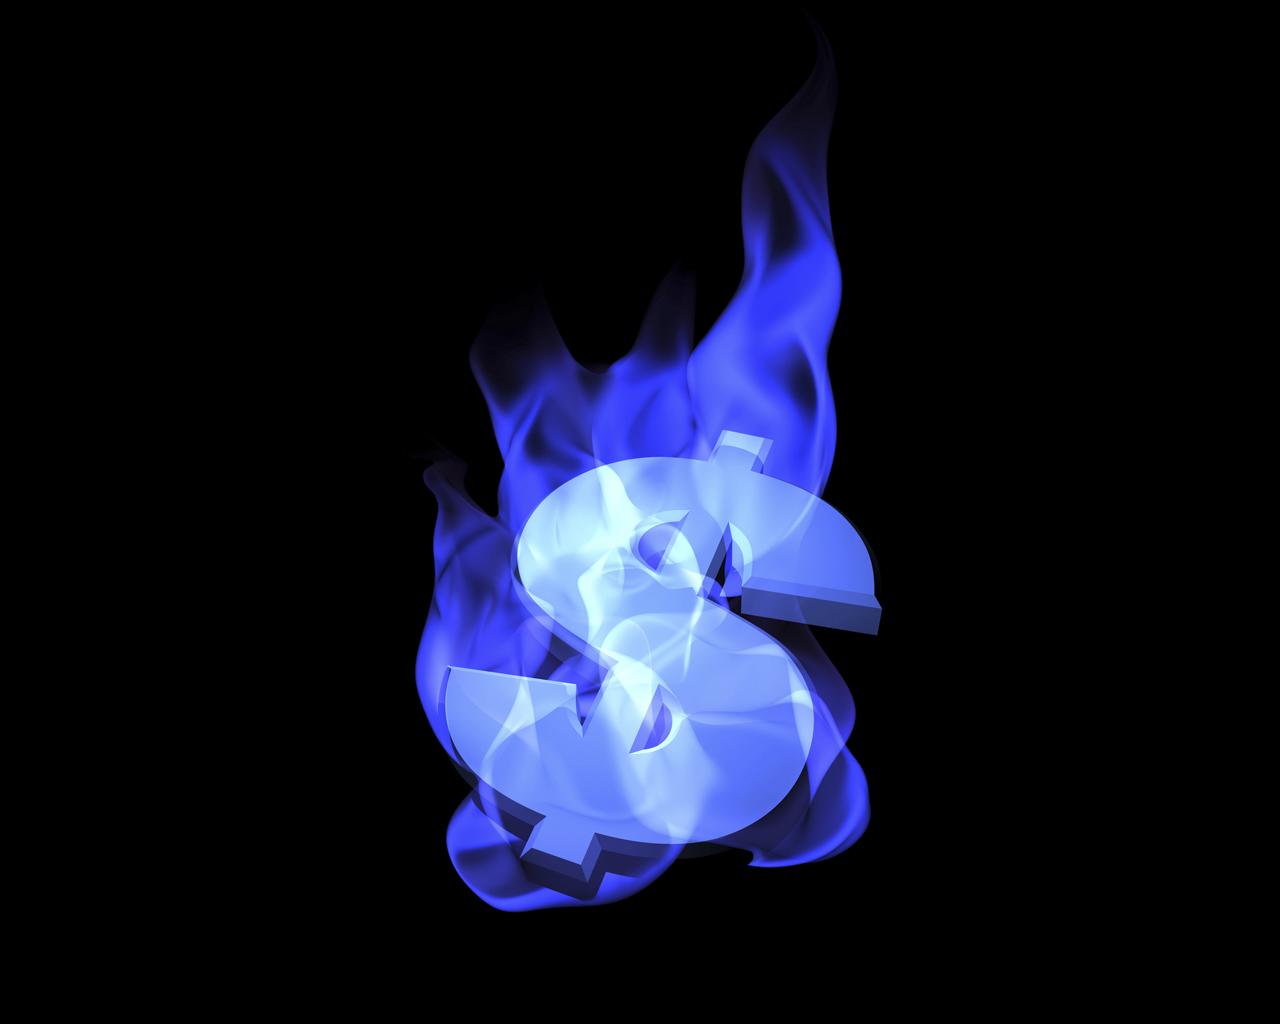 Wallpaperscom Fire HD Wallpapers 1280x1024